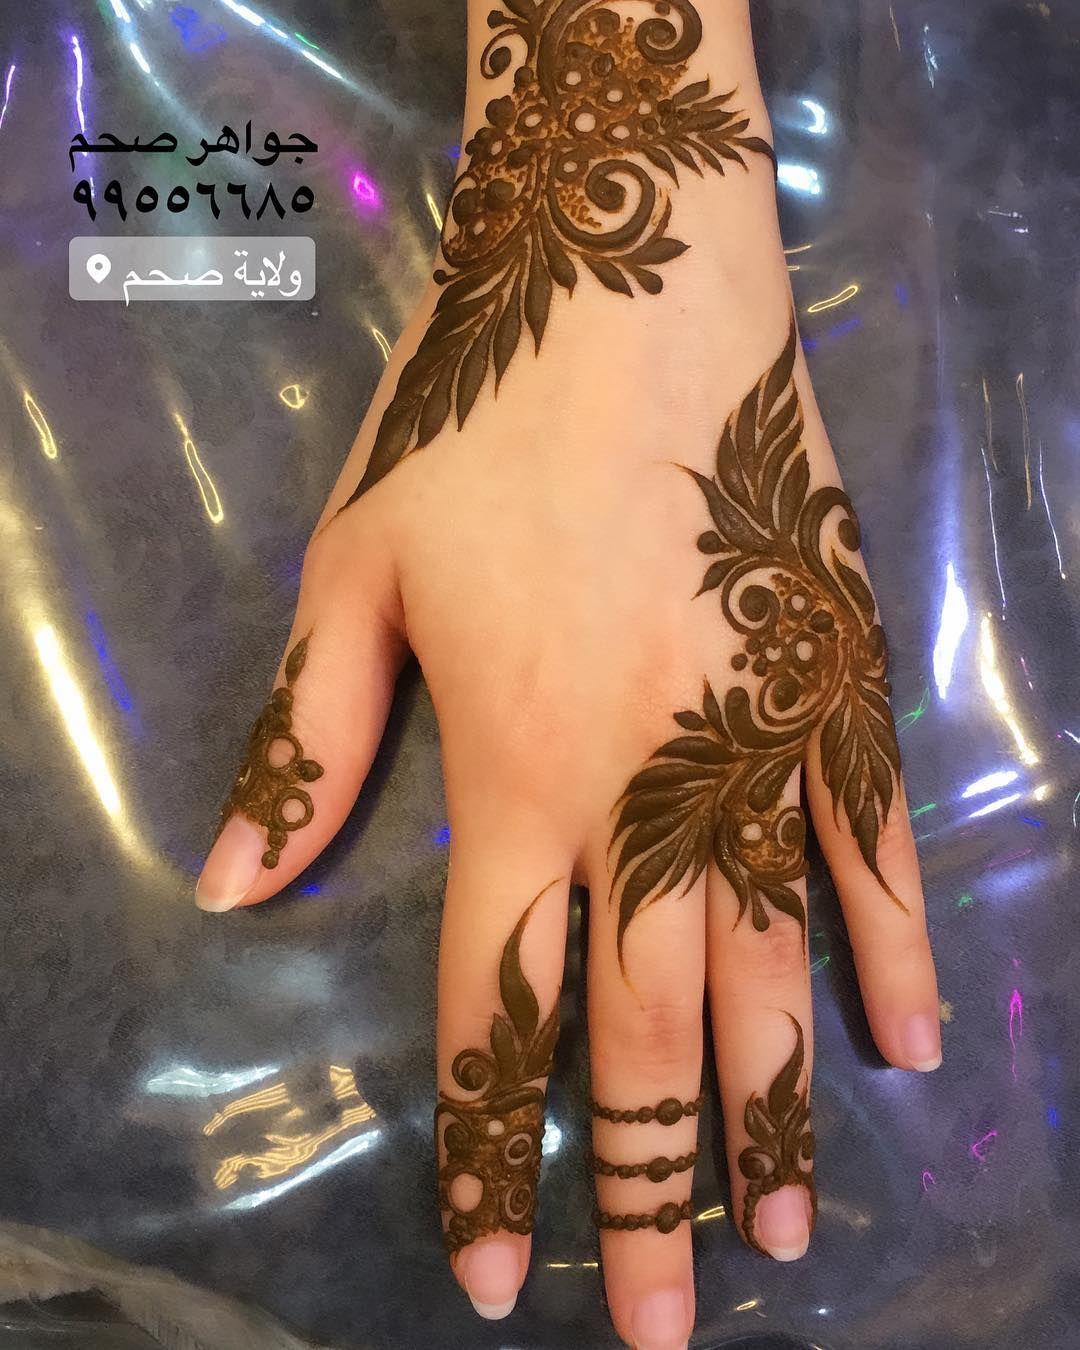 جـــواه ـــــر On Instagram ناعم مثل صاحبته ديانا الزدجاليه شكرا عمري من القلب ع المشاركه بالصور Henna Designs Hand Rose Mehndi Designs Unique Mehndi Designs